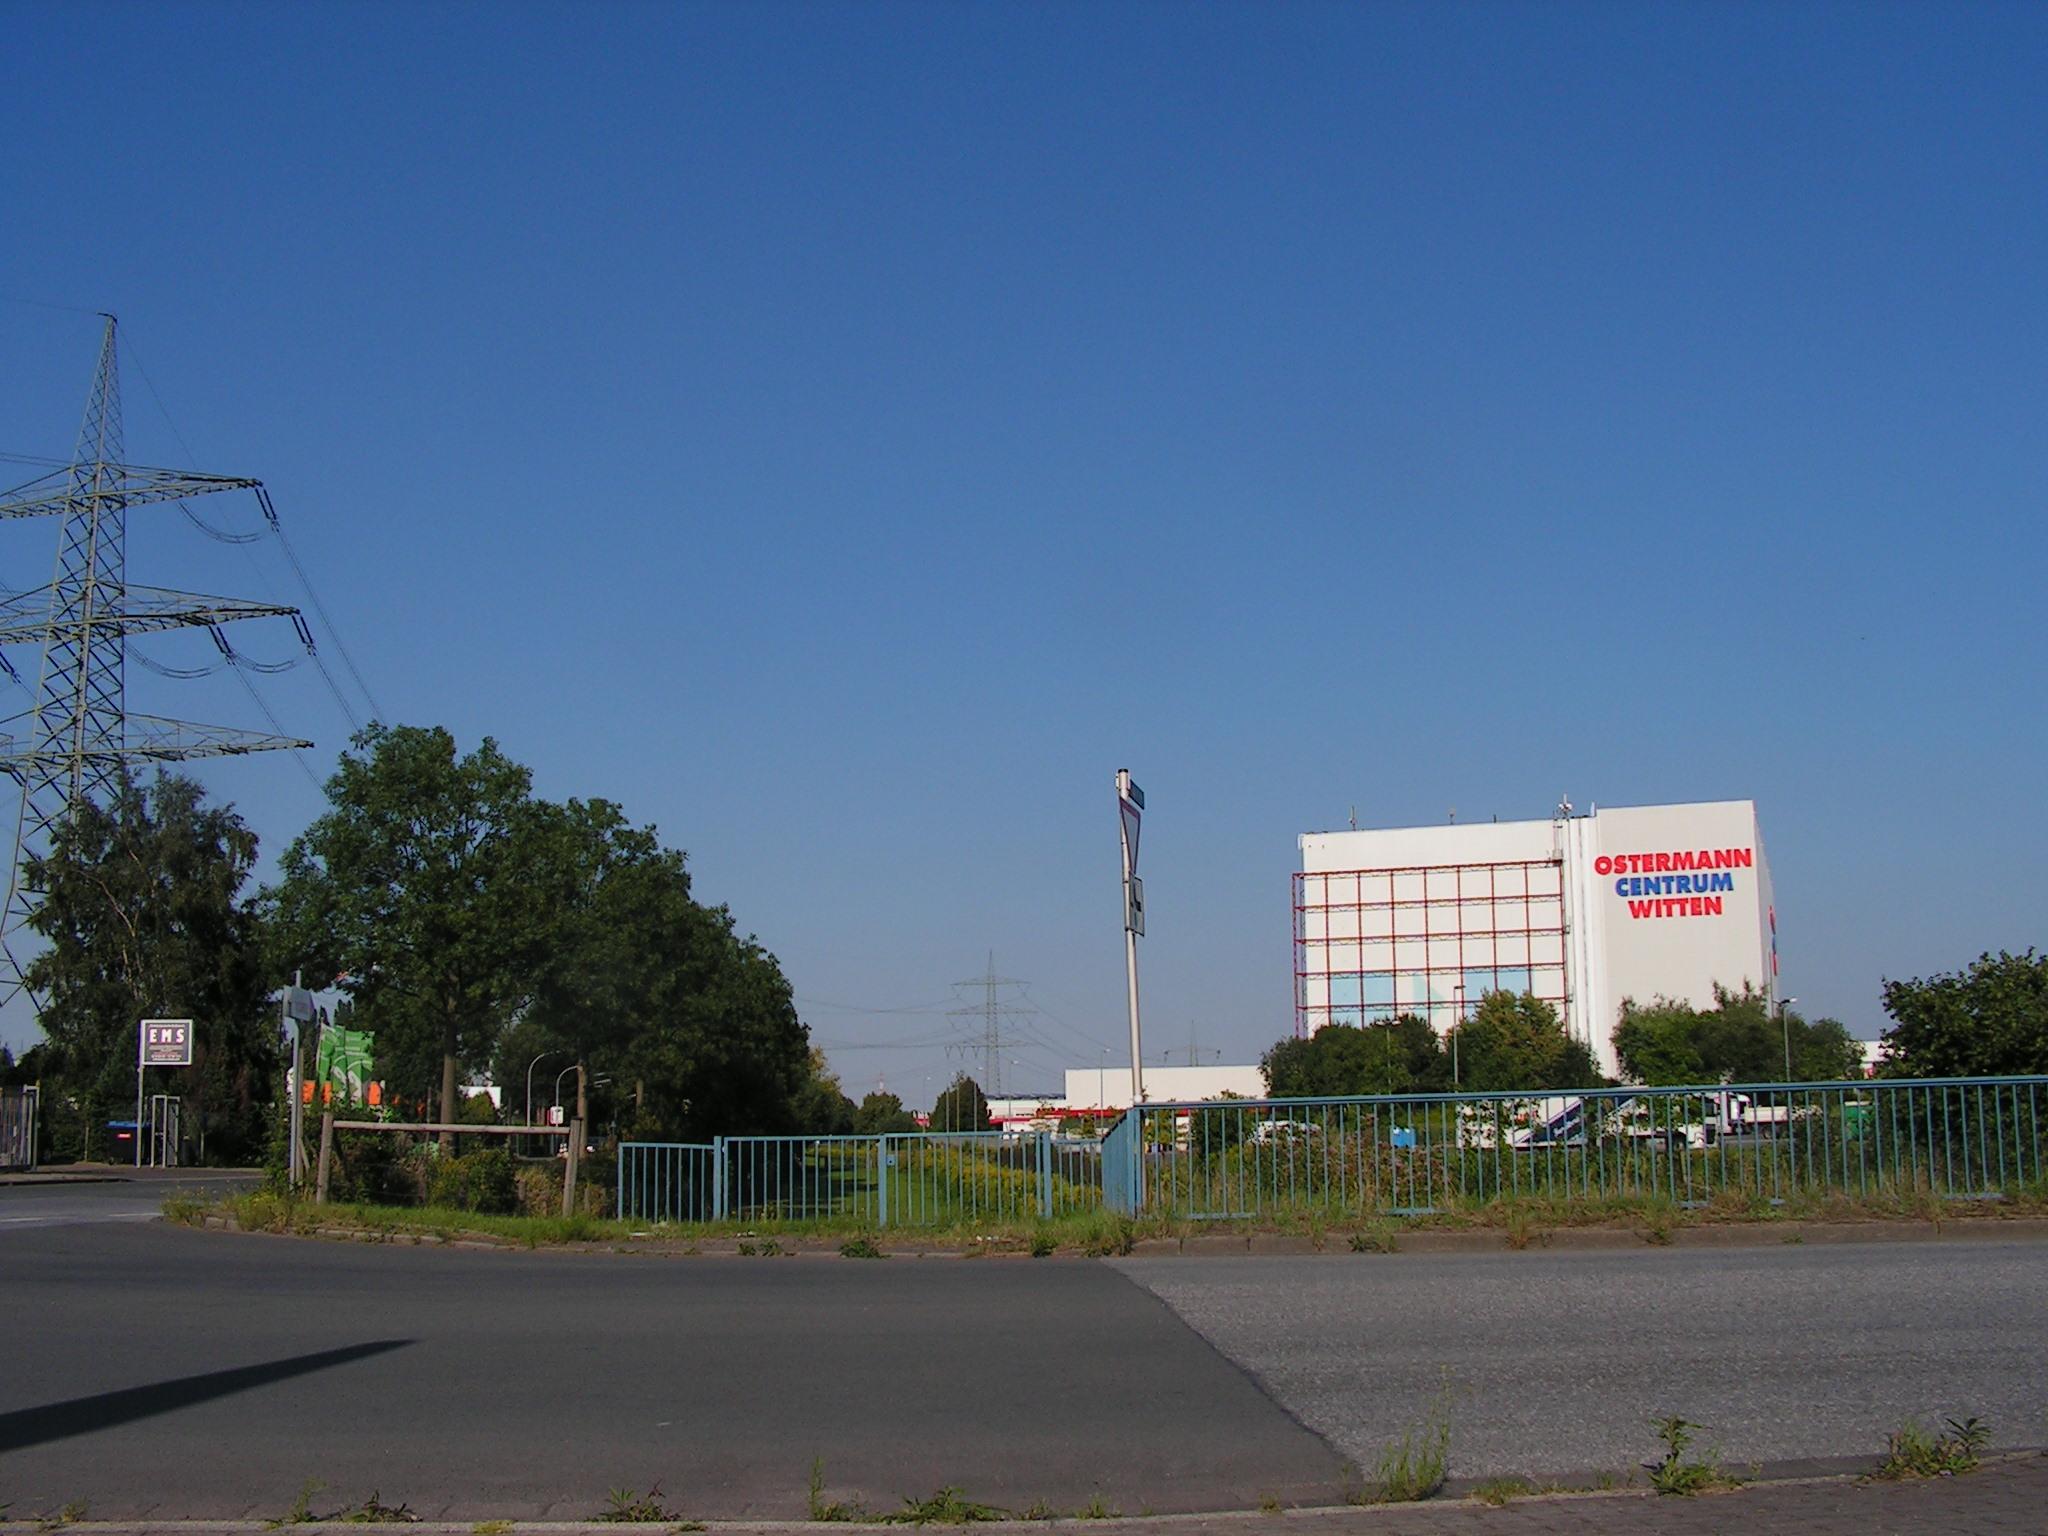 Betriebsweg der Emschergenossenschaft am Grotenbach im Salinger Feld. Blick nach Osten. (Foto: Peter Maier)